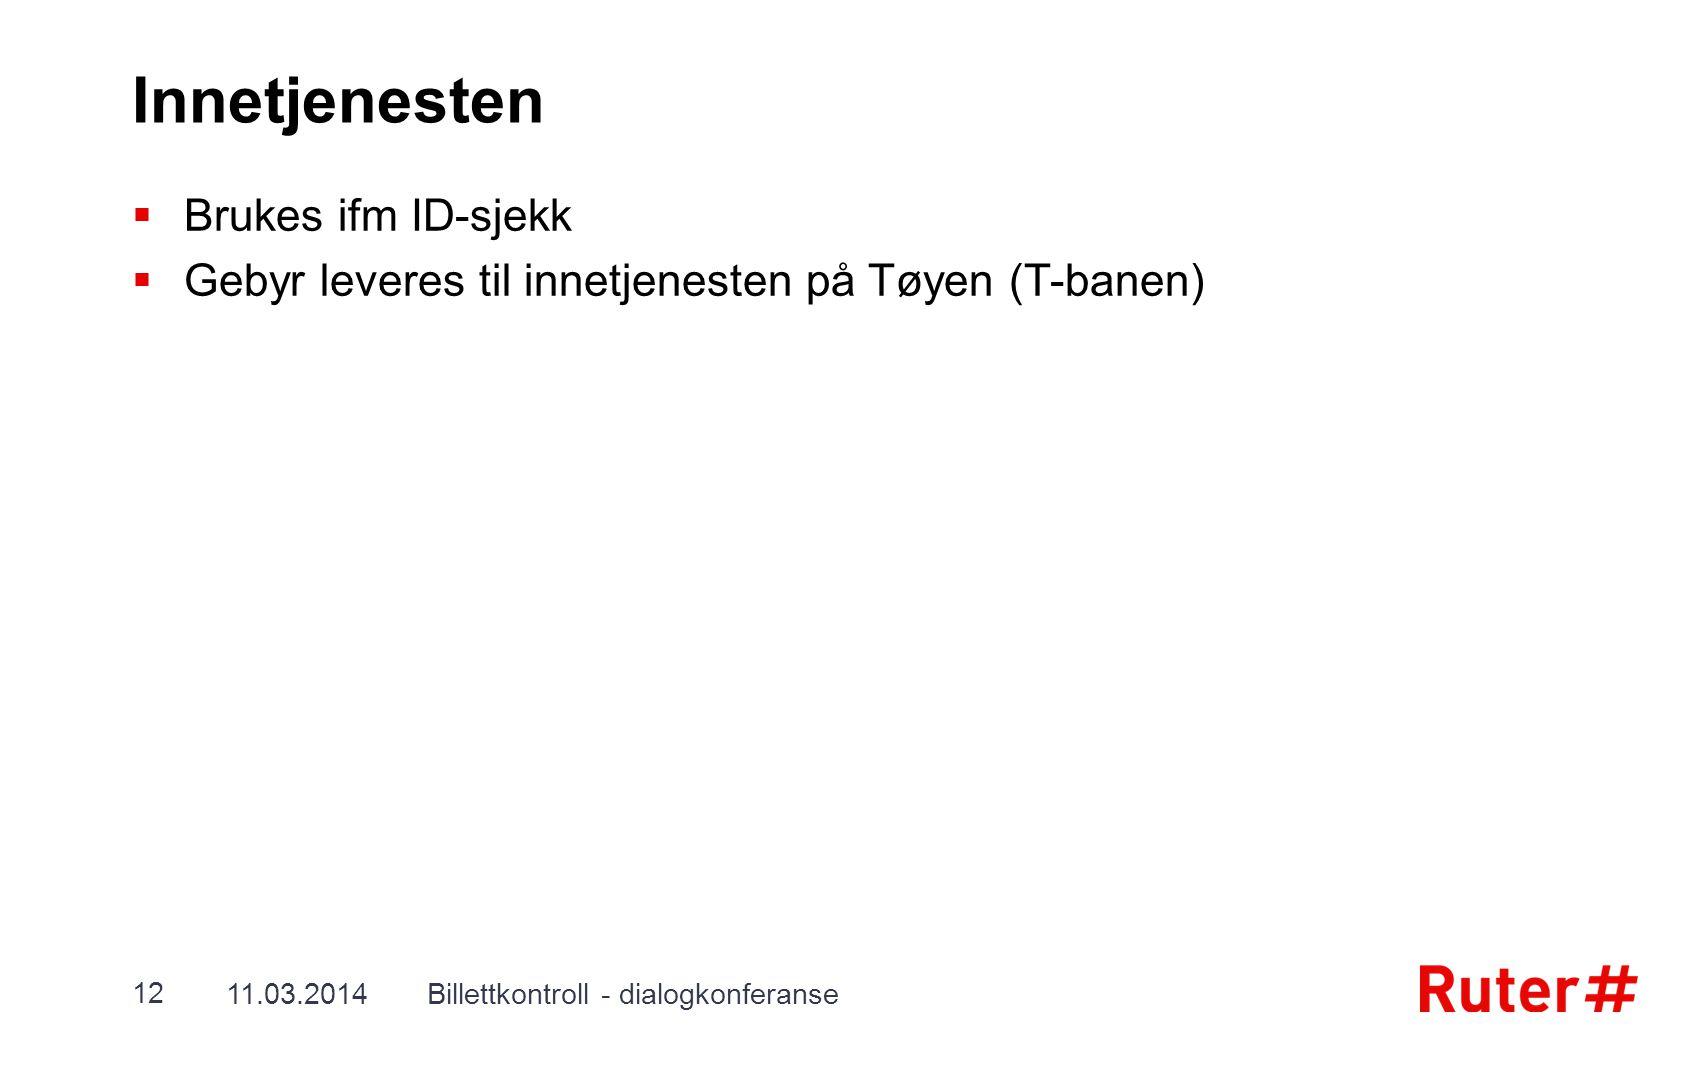 Innetjenesten  Brukes ifm ID-sjekk  Gebyr leveres til innetjenesten på Tøyen (T-banen) 11.03.2014Billettkontroll - dialogkonferanse 12